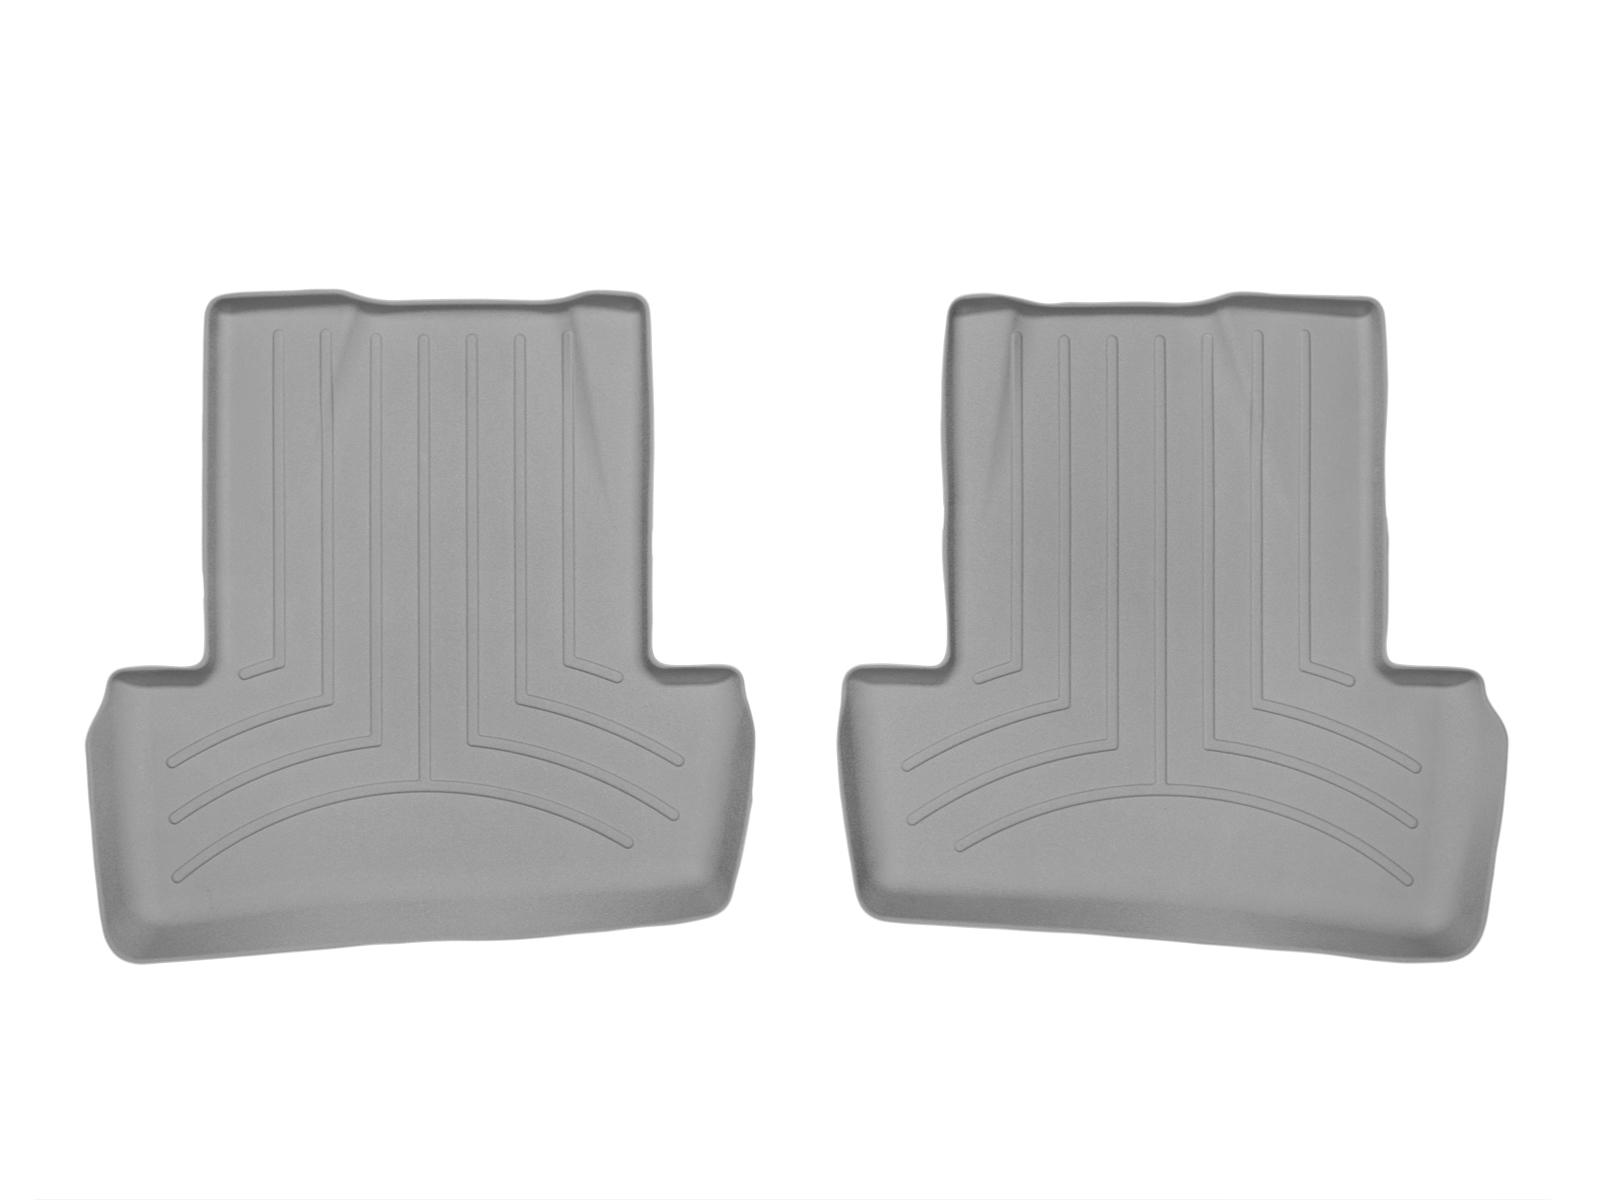 Tappeti gomma su misura bordo alto Renault Captur 13>17 Grigio A3225